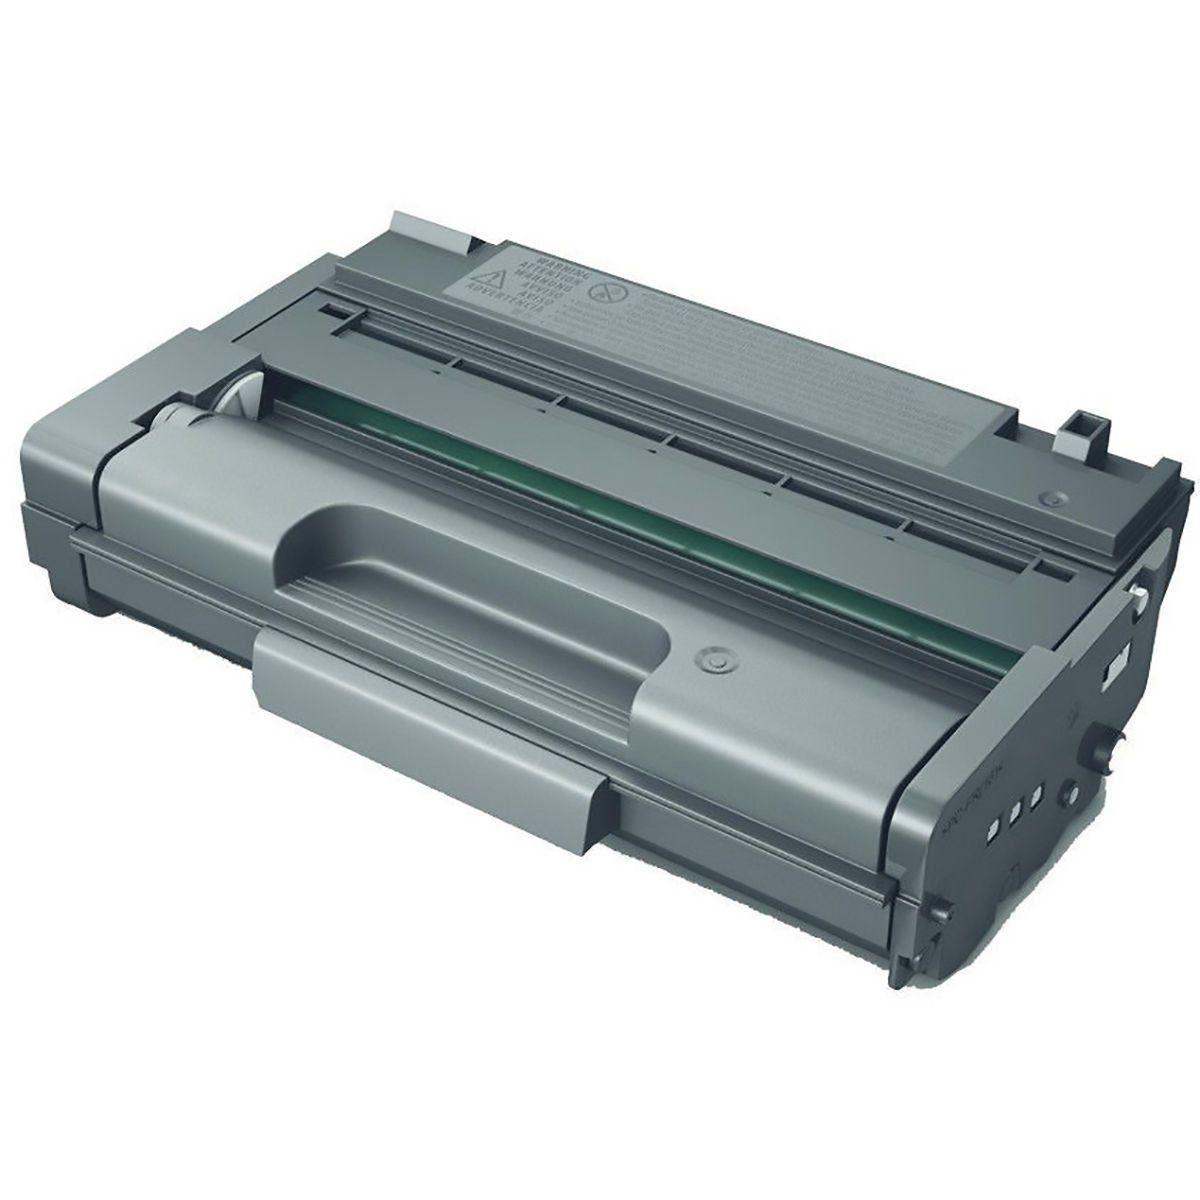 Compatível: Toner SP3510 para Ricoh SP3500n SP3510dn SP3500sf SP3500 SP3400 SP-3500 SP-3510 SP-3510dn / Preto / 6.400